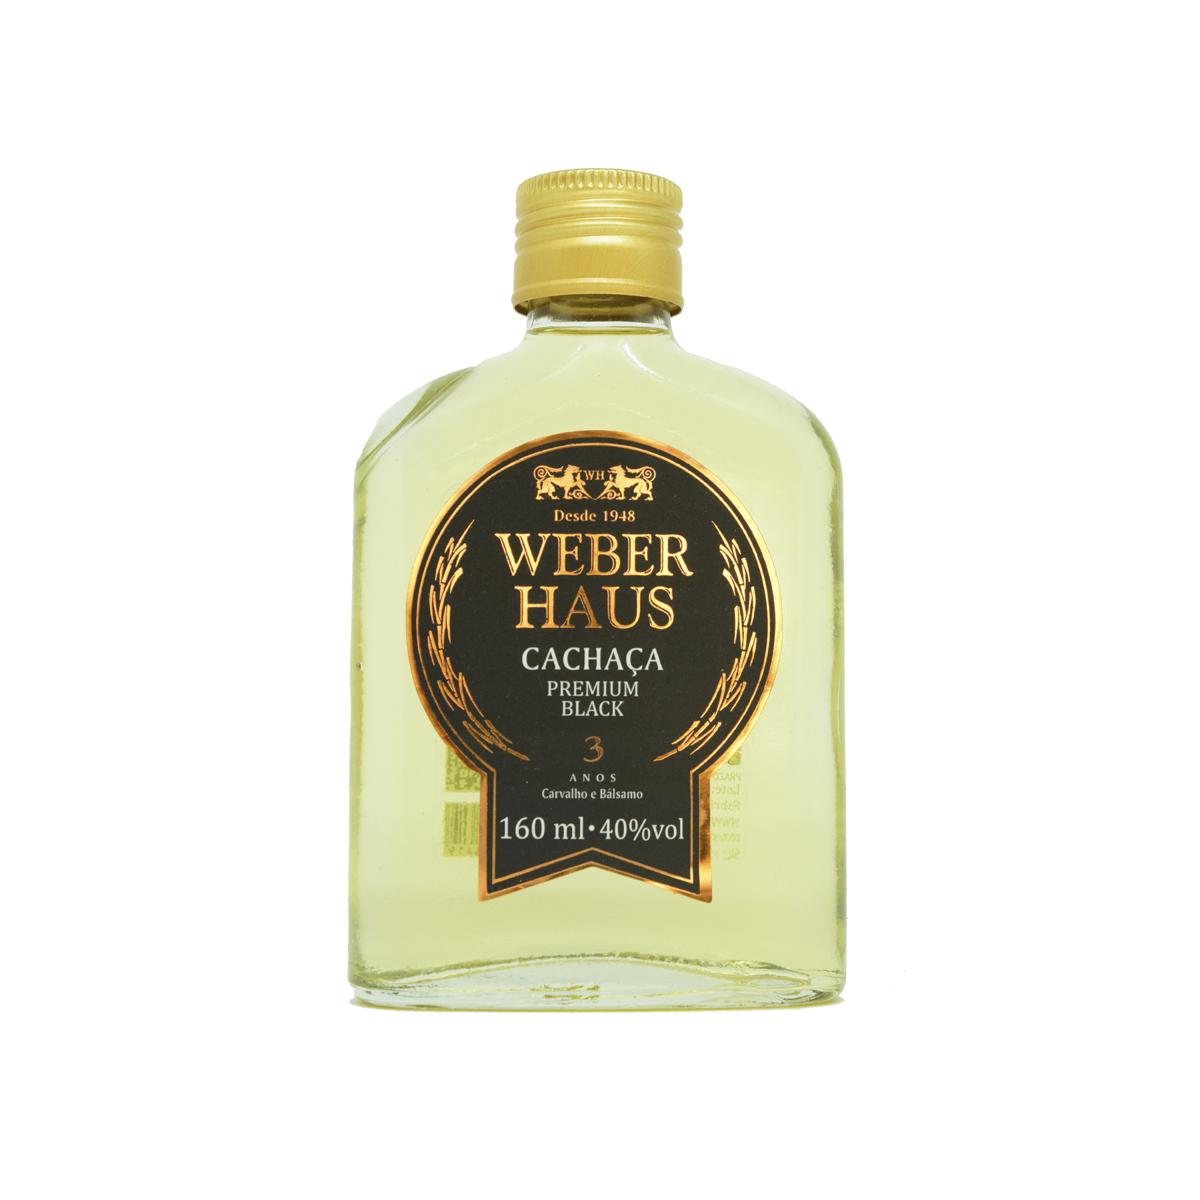 Cachaça Premium Black Weber Haus 160ml